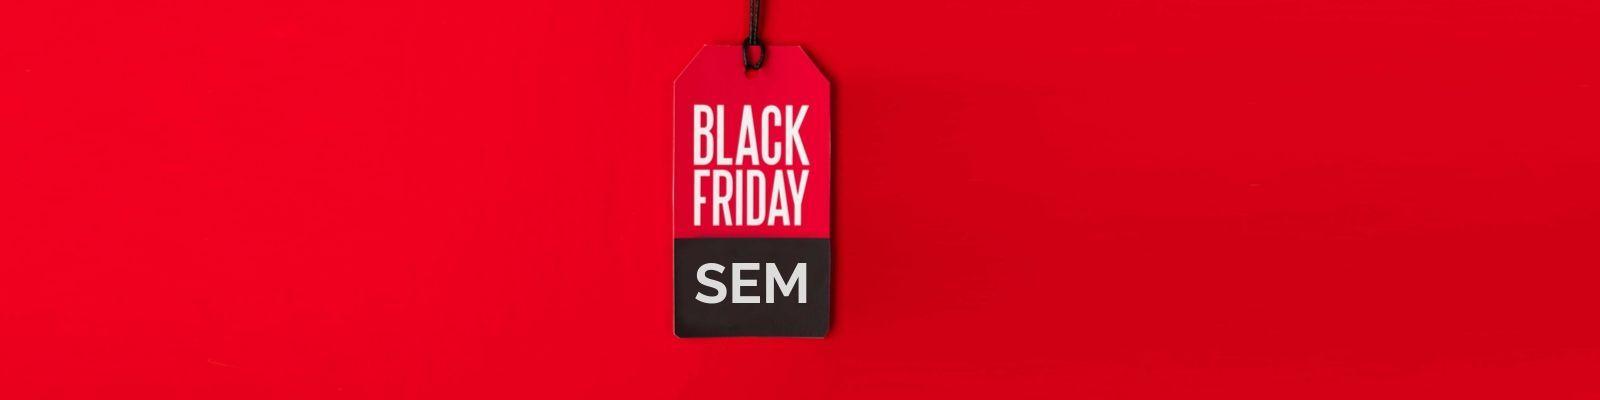 consejos-black-friday-sem